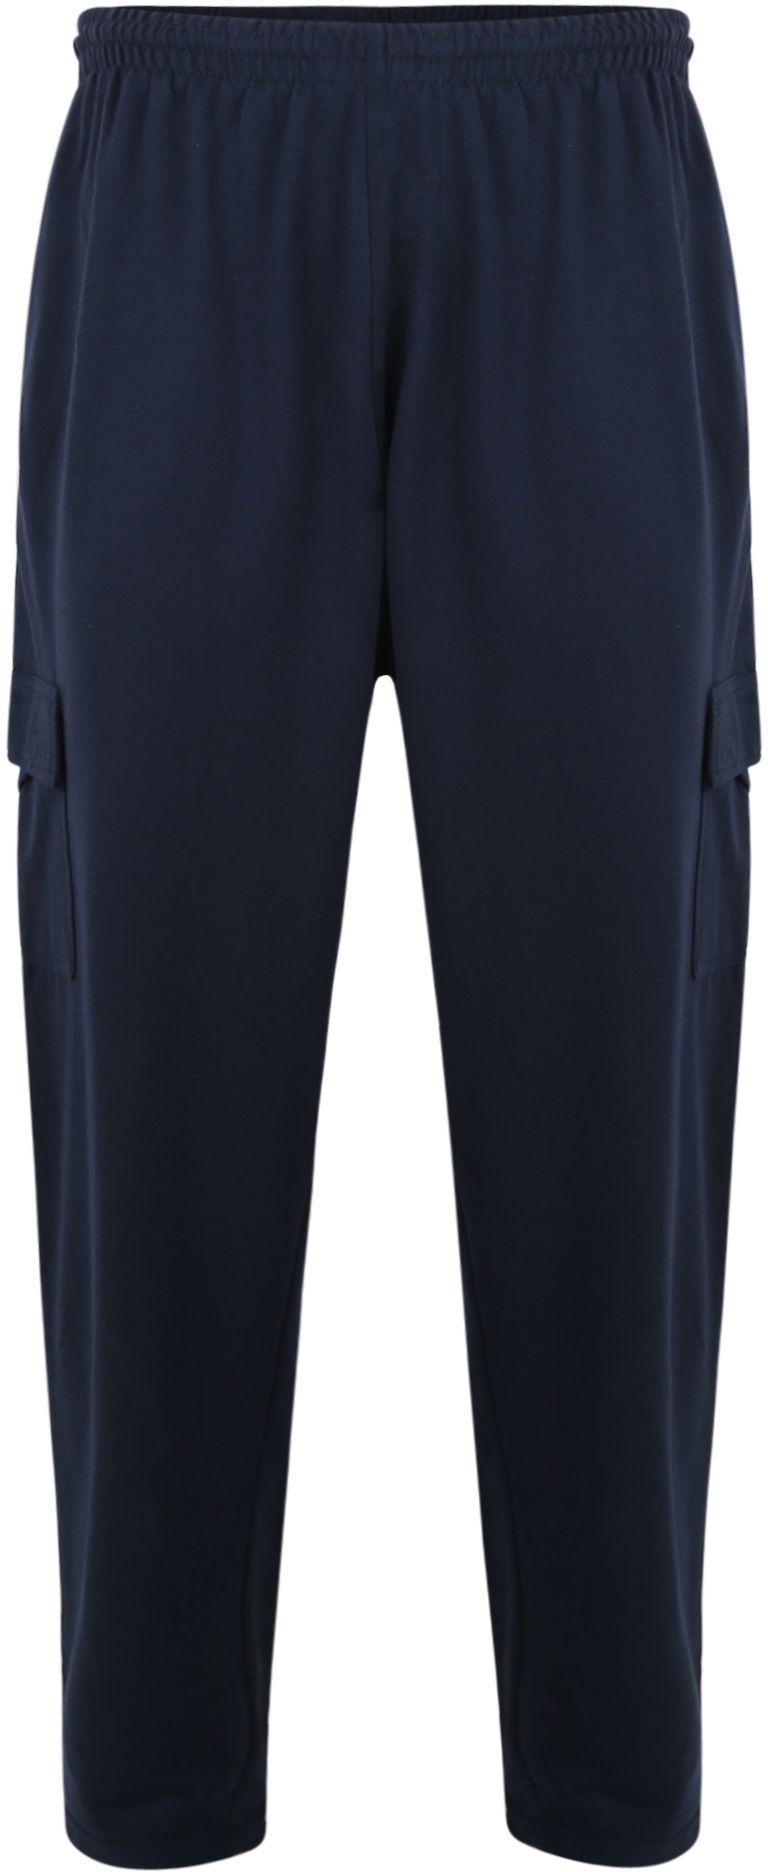 Pantalon de Jogging Bleu Marine Grande Taille KAM JEANSWEAR Taille Haute